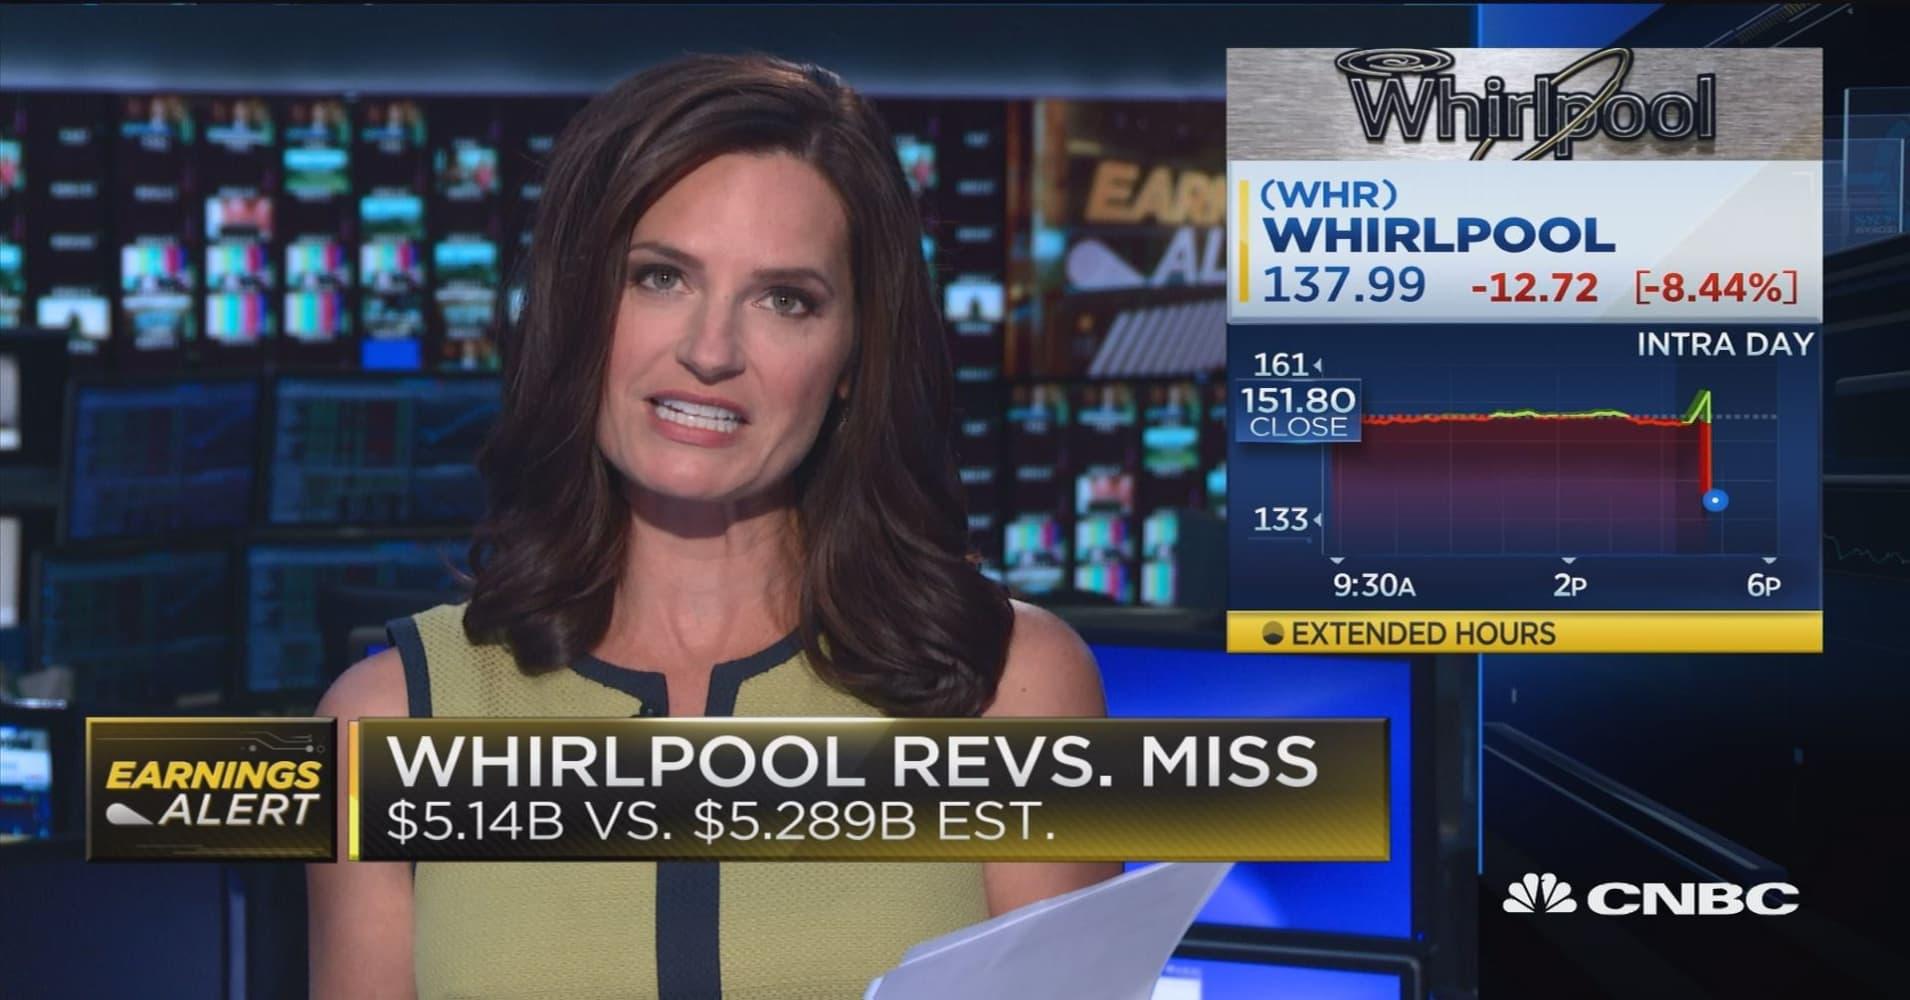 Whirlpool sinks 8 percent following earnings report